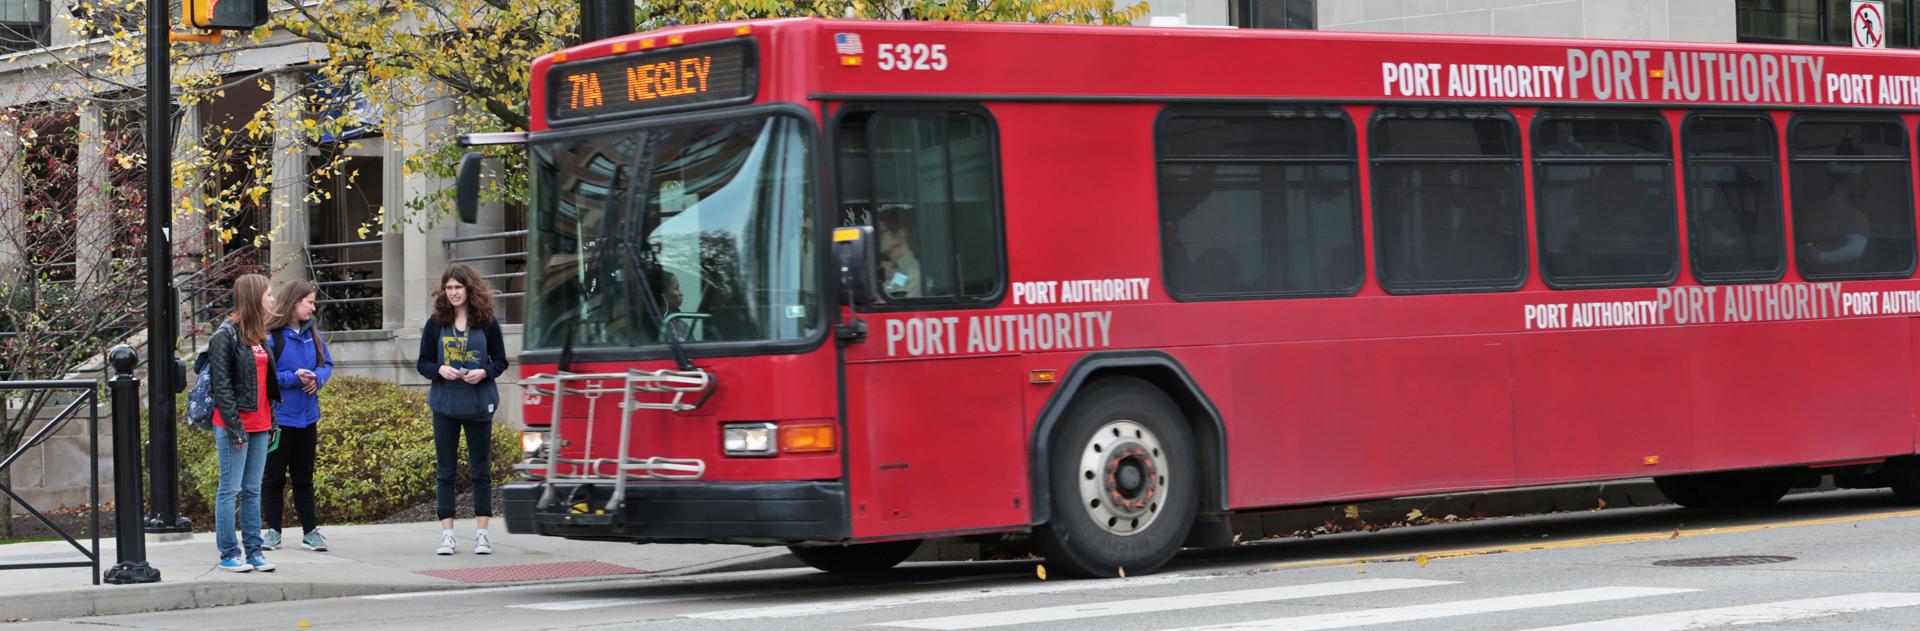 PortAuthority-1